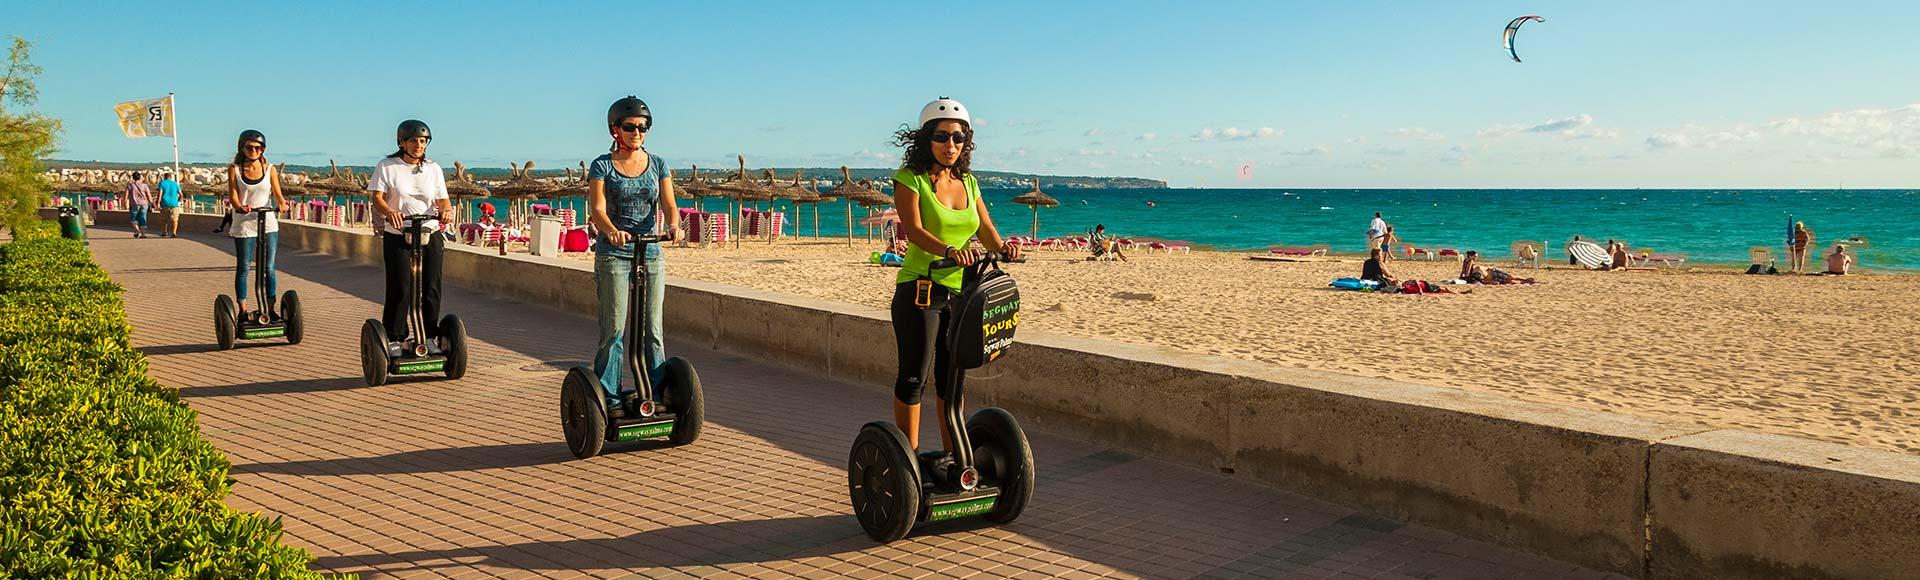 Segway Tours Playa de Palma